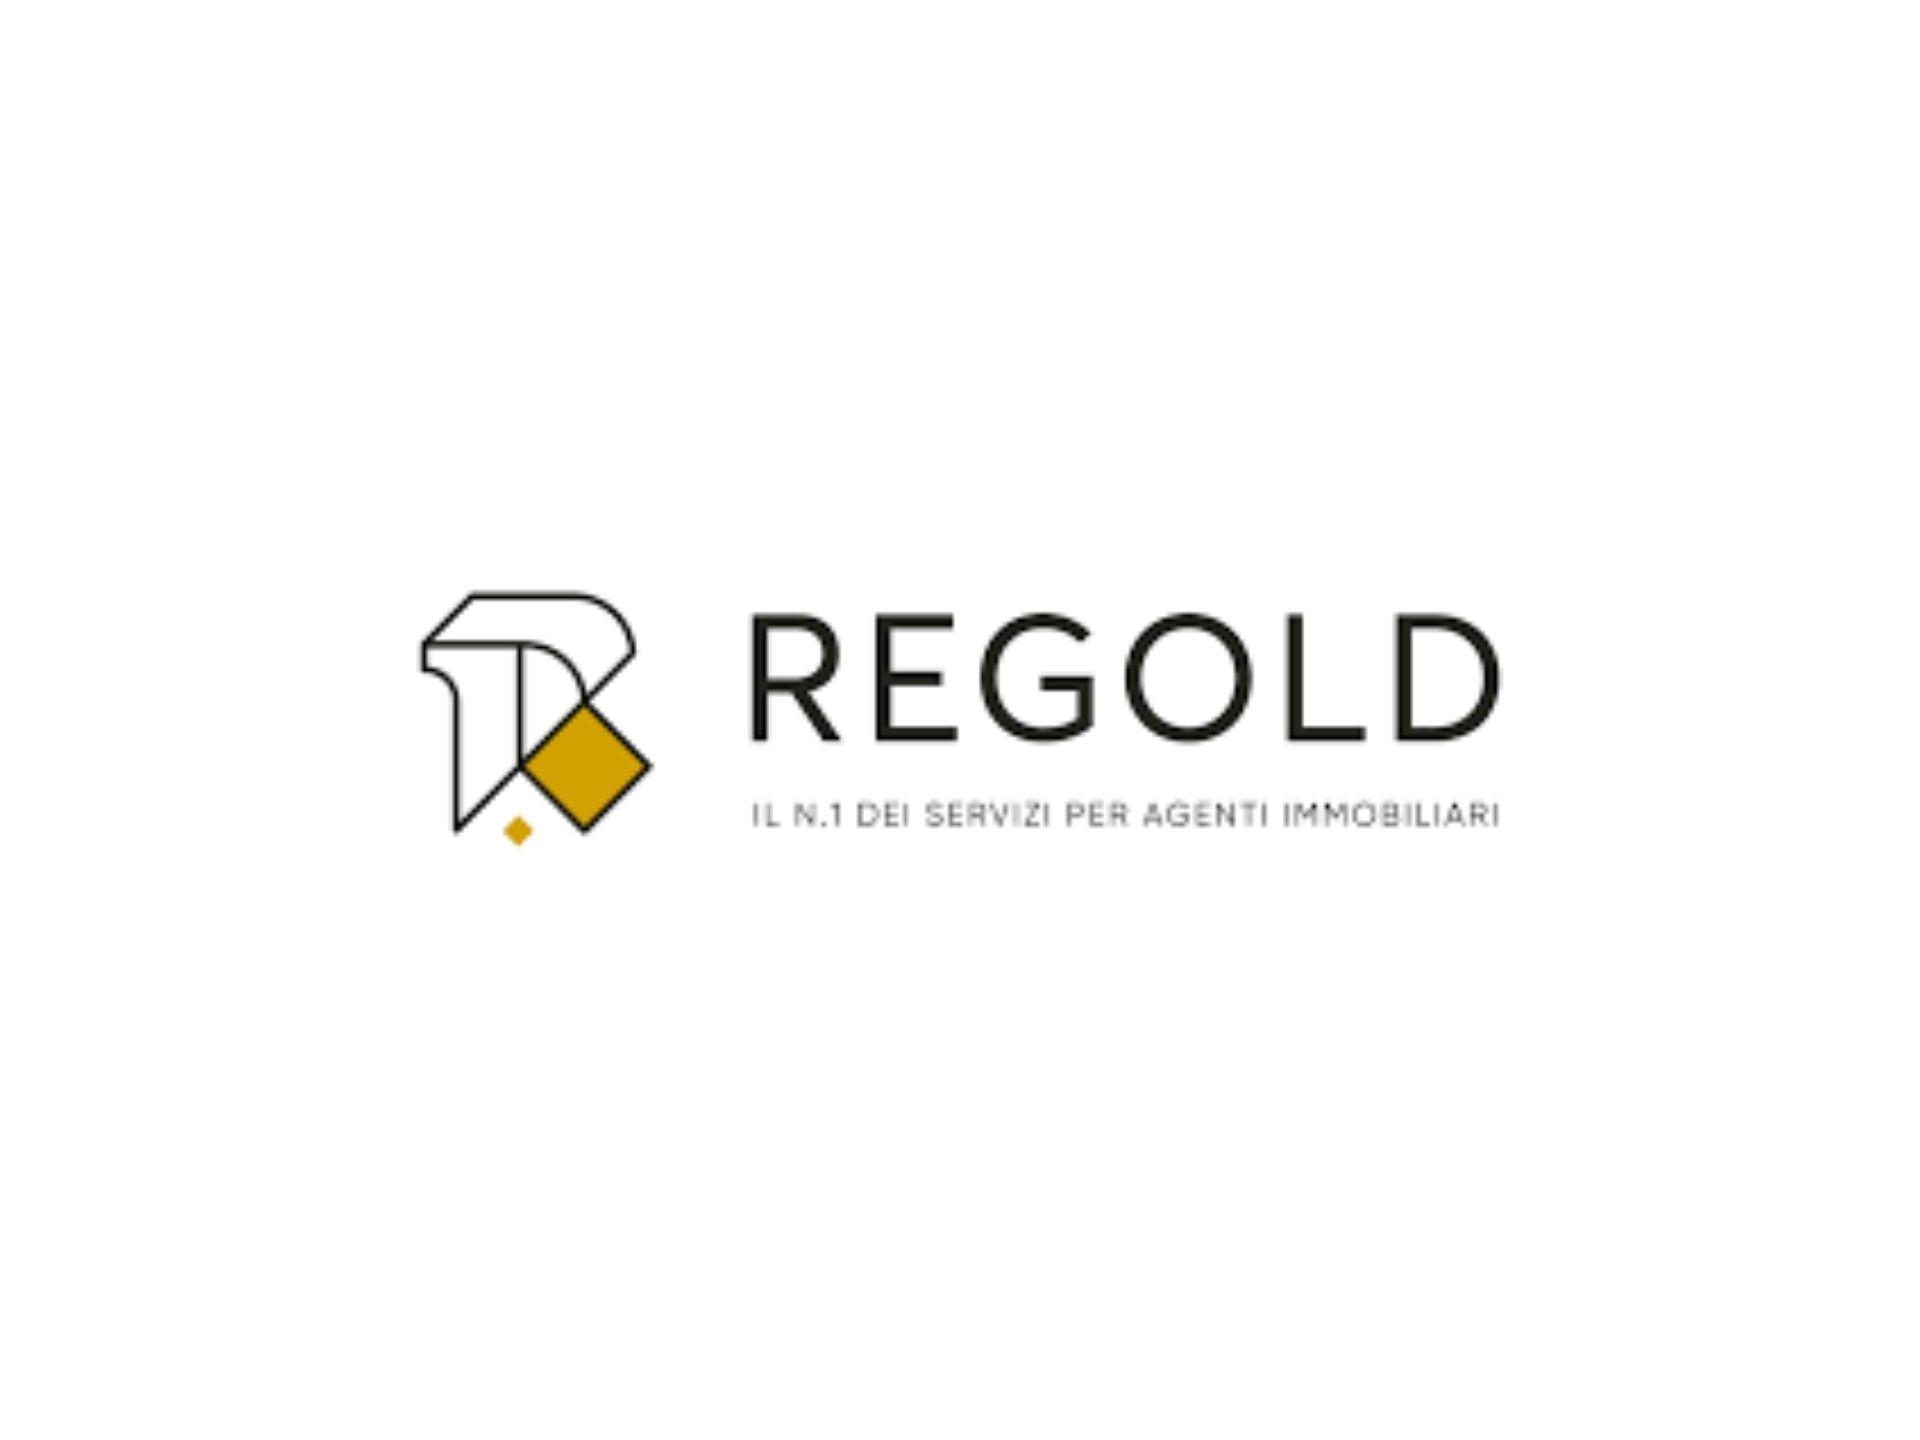 REGOLD